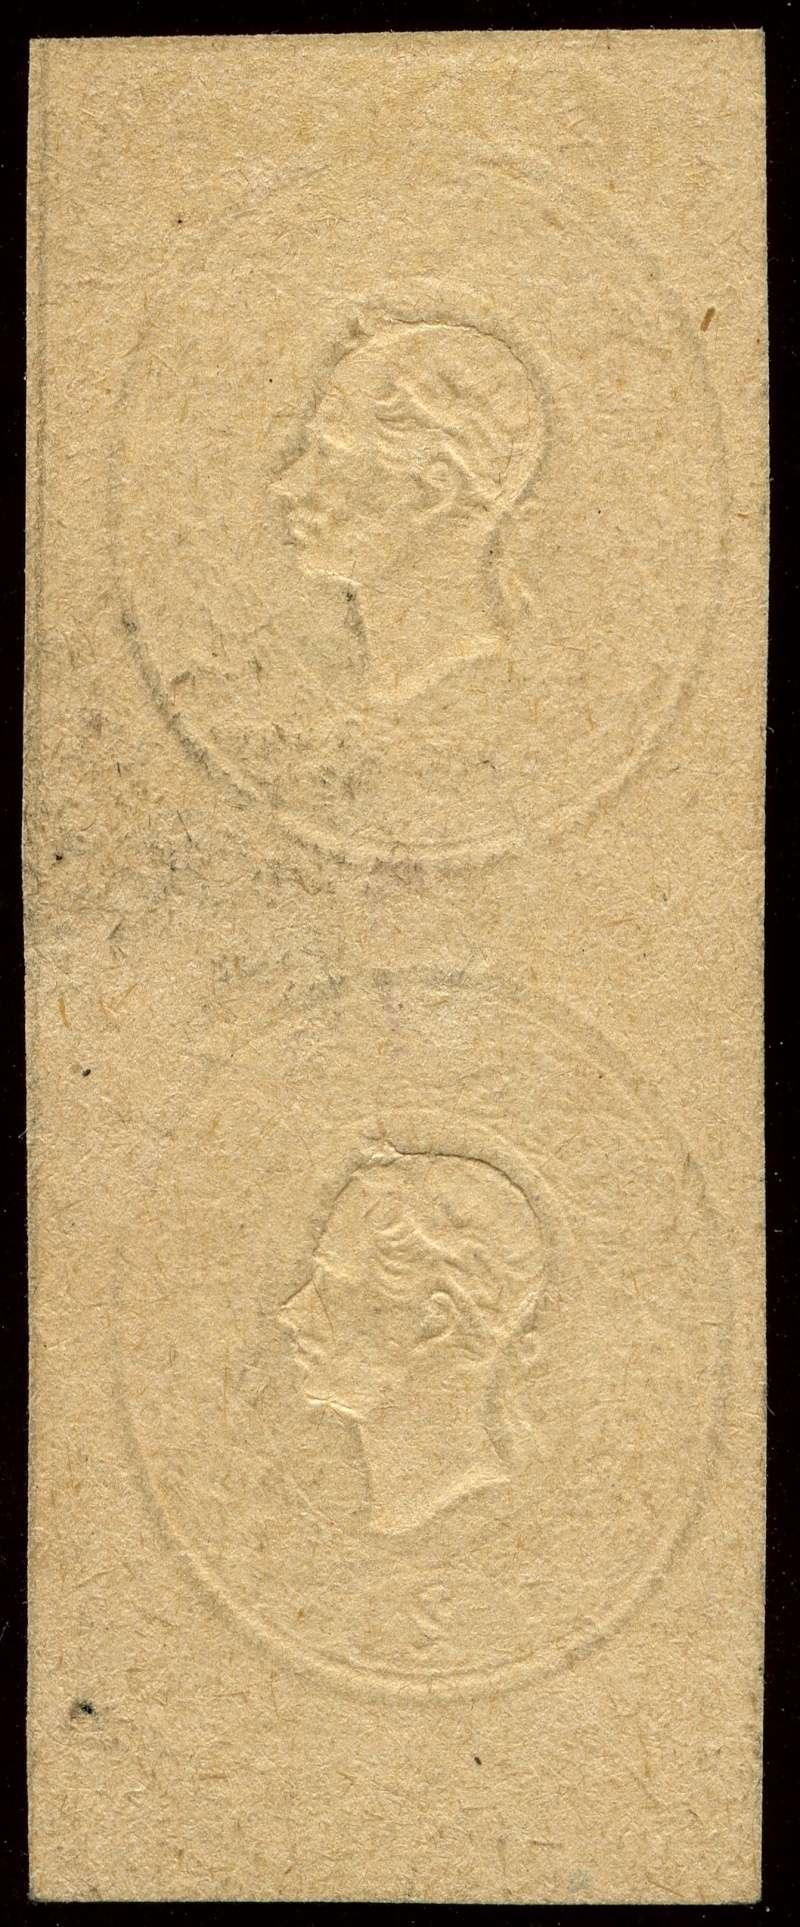 Die Freimarkenausgabe 1861 - Seite 2 18_gum10